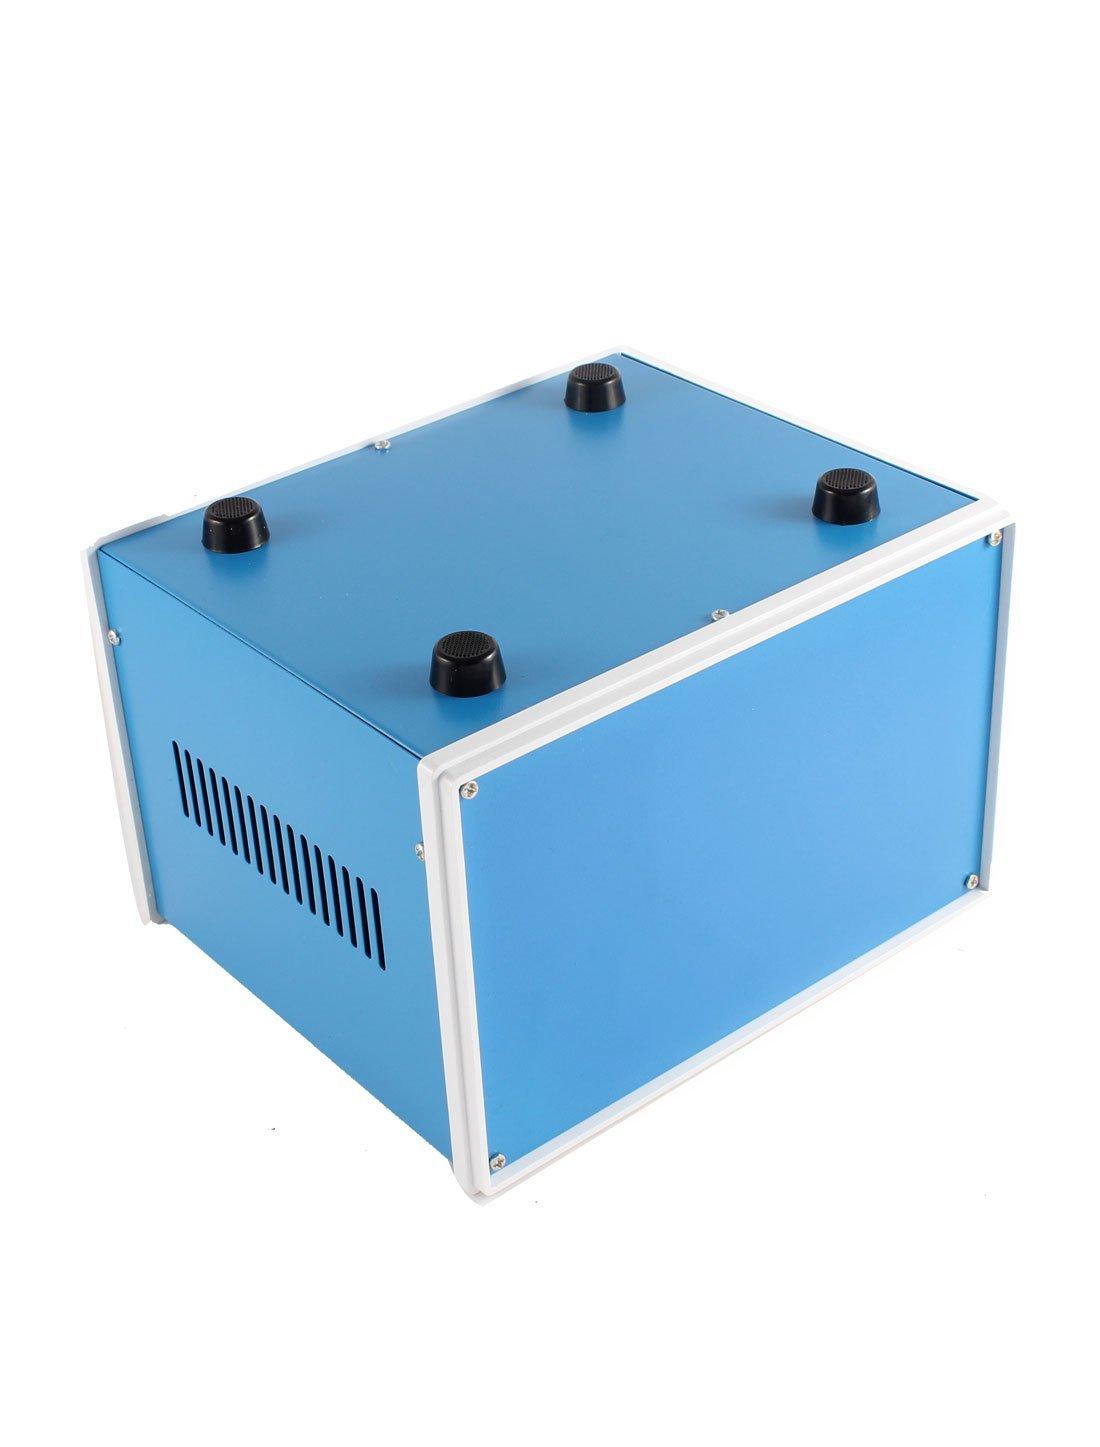 Azul do metal Junção Projeto Gabinete Caso Box 200 x 180 x 135 milímetros - - Amazon.com